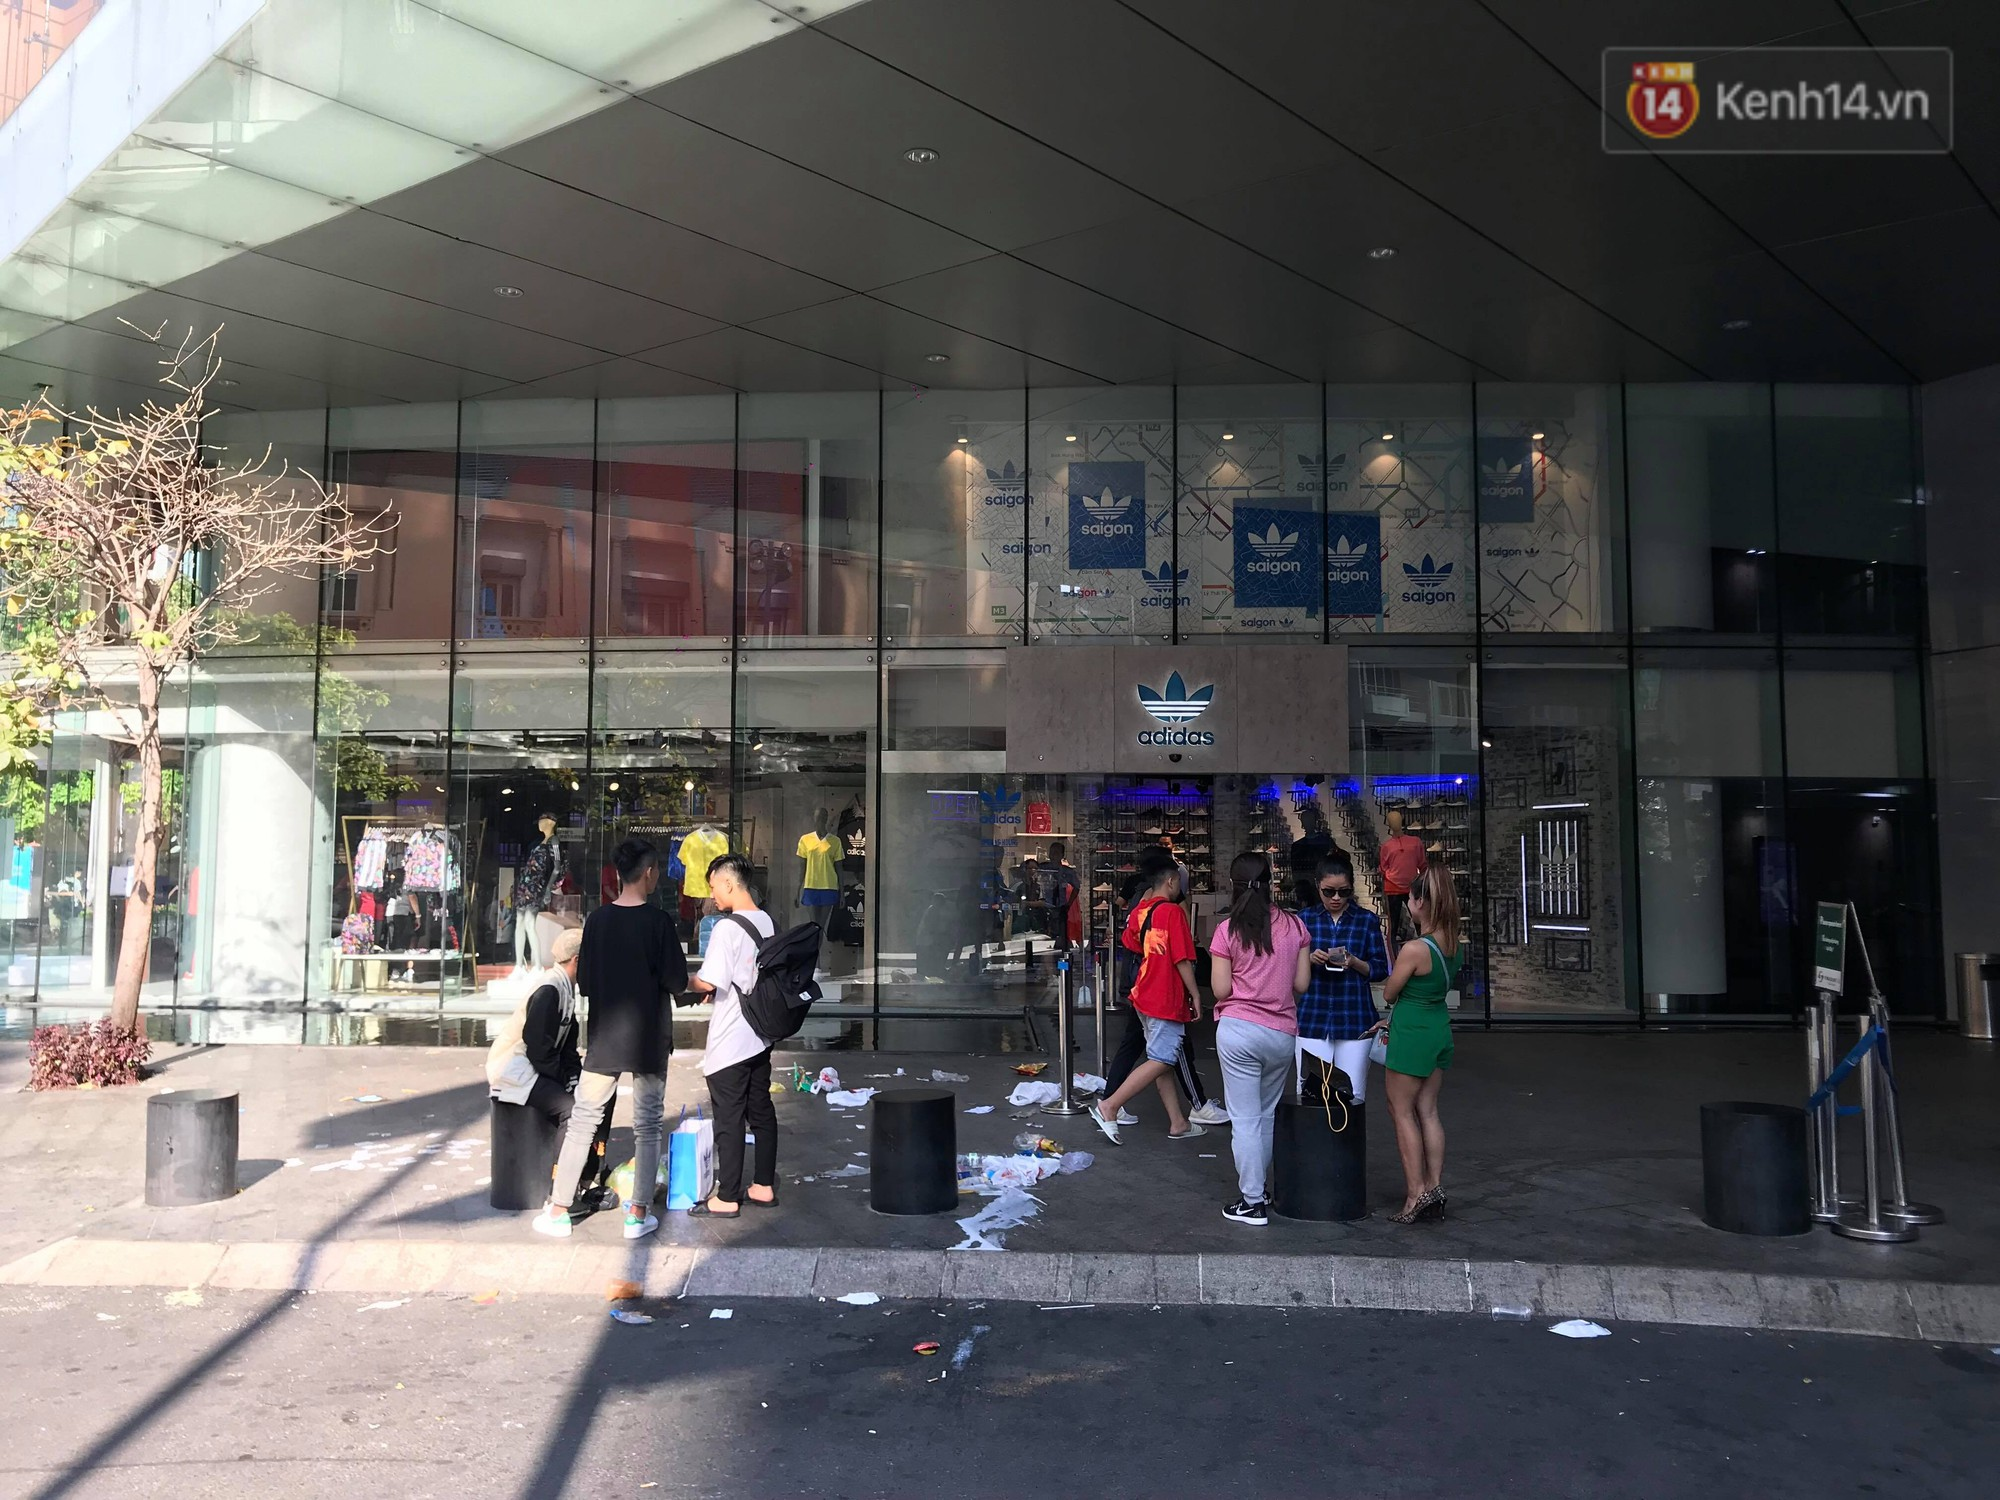 Sau khi cắm cọc qua đêm tại Bitexco để mua giày hiệu, dân tình hồn nhiên vứt đầy rác trước cửa hàng - Ảnh 2.